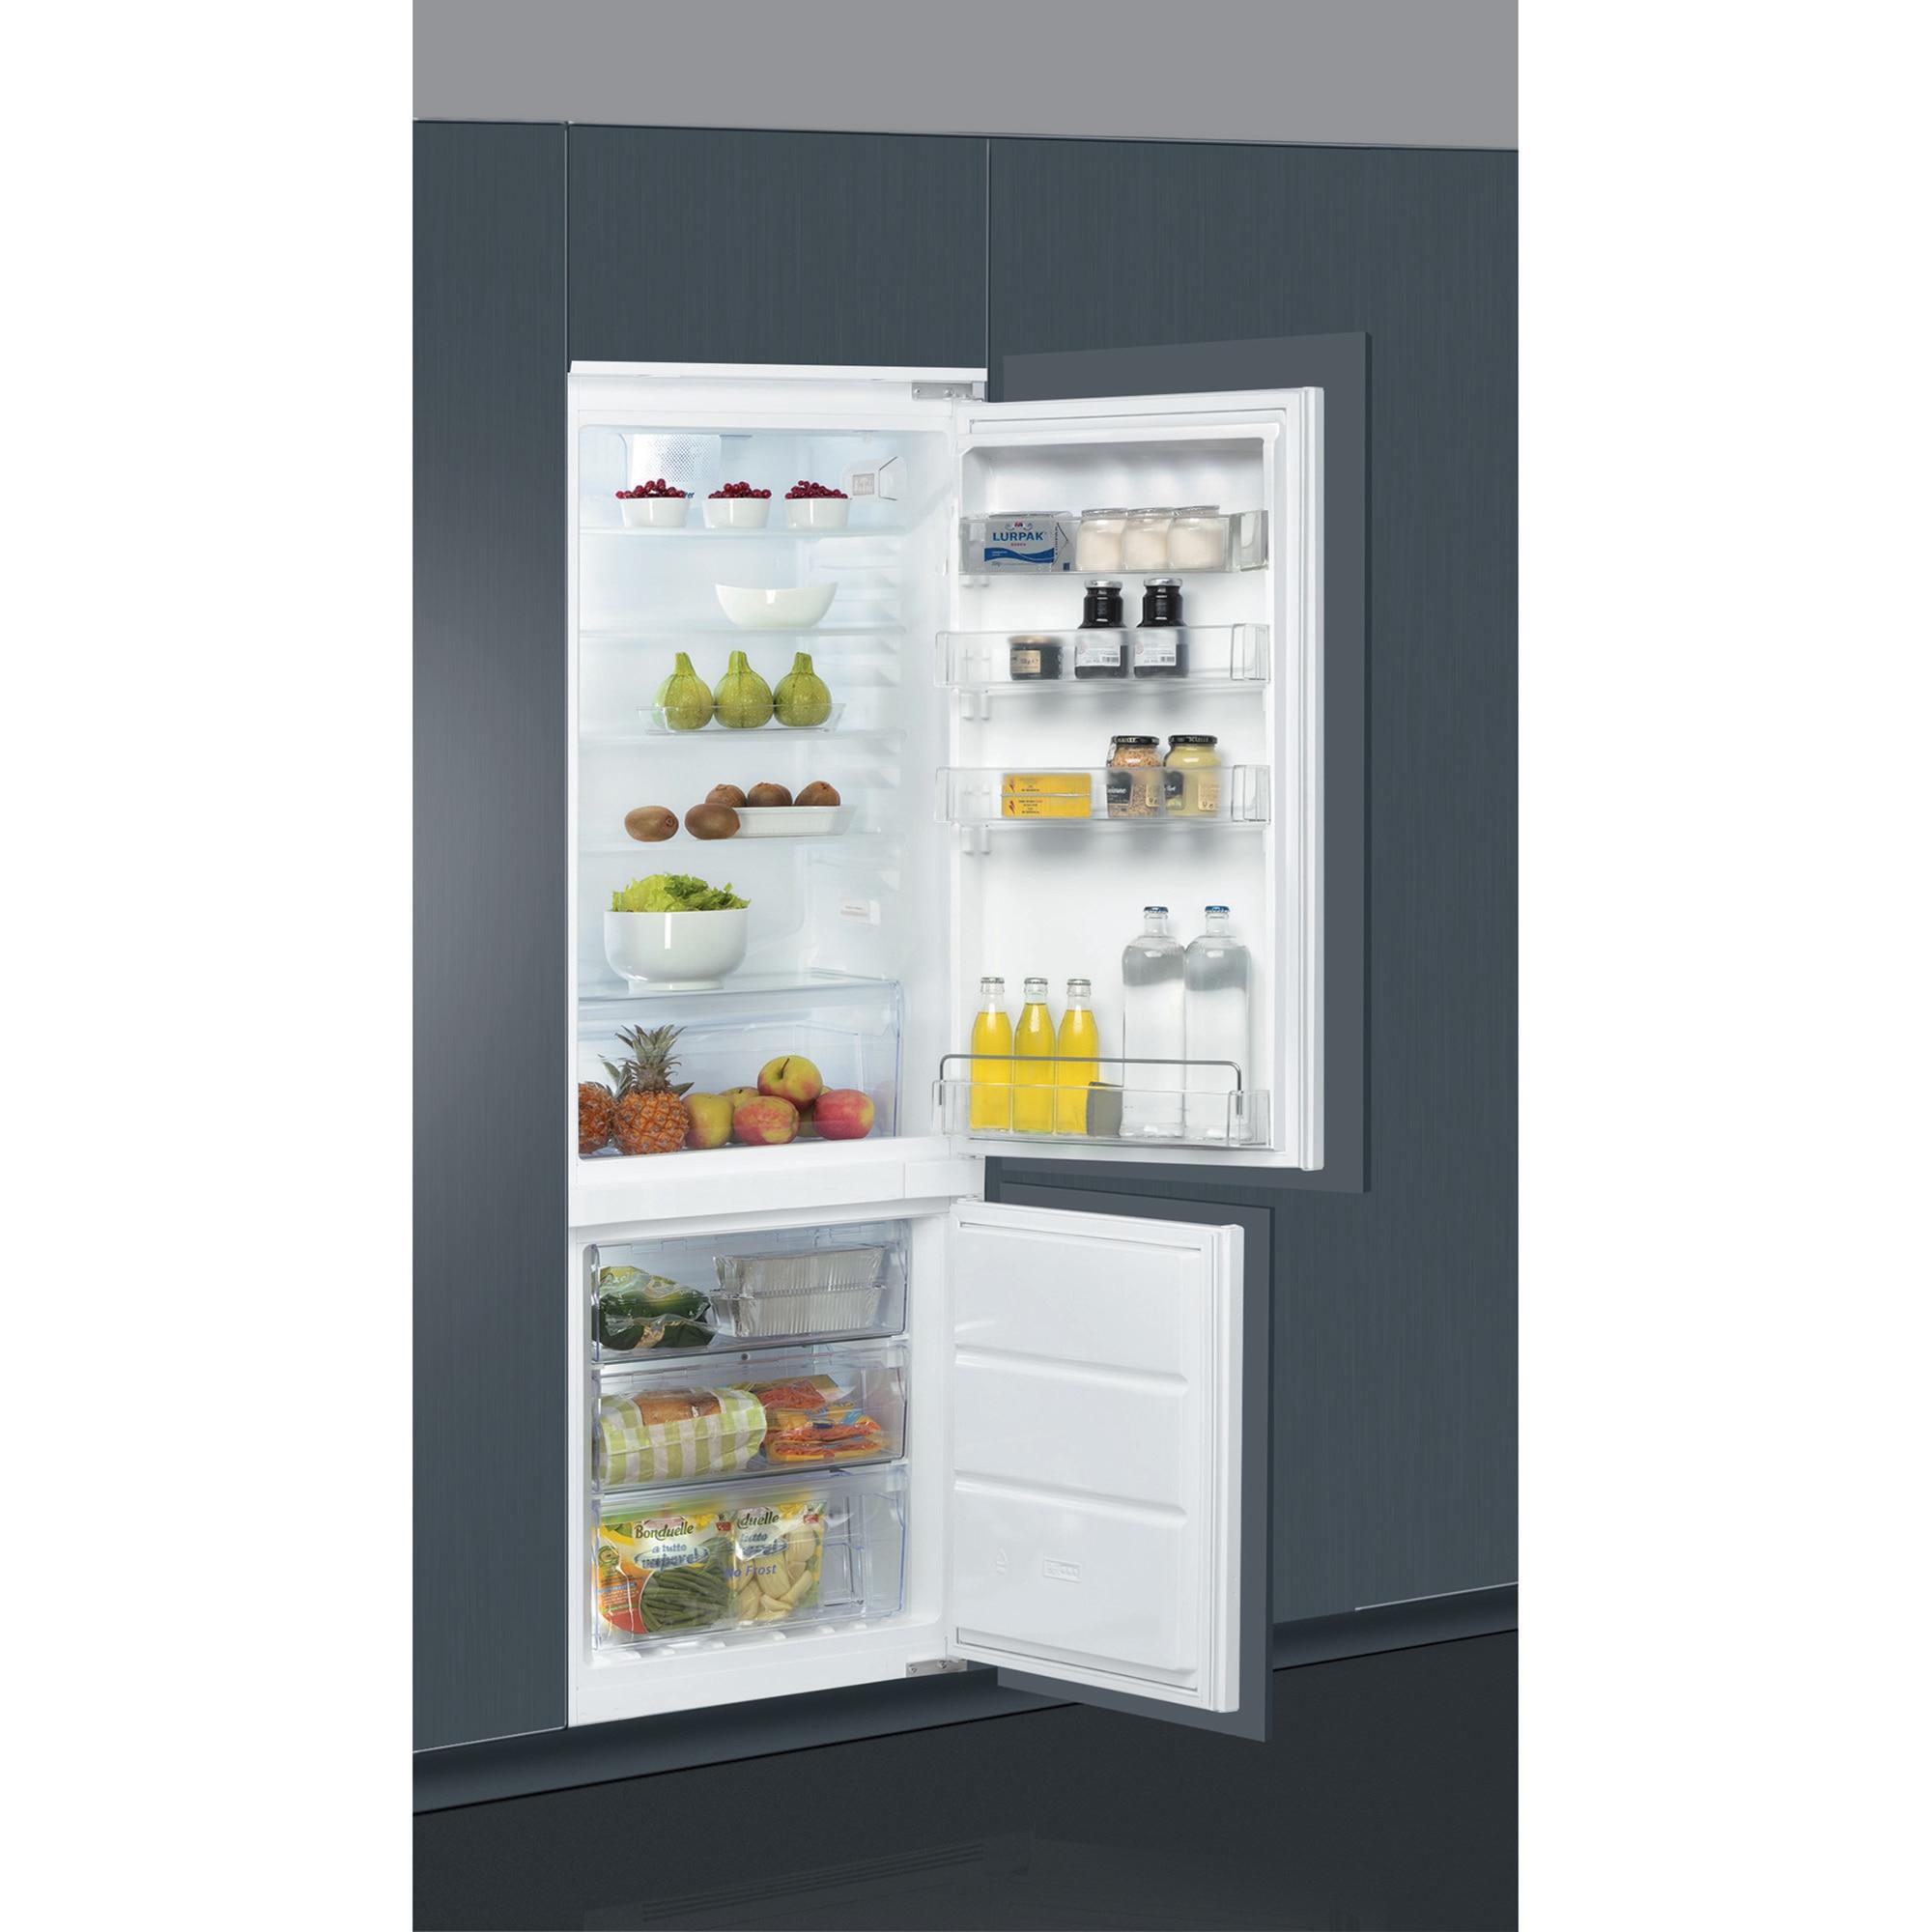 Fotografie Combina frigorifica incorporabila Whirlpool ART 872/A+NF, 264 l, Clasa A+, No Frost, 6th Sense, Iluminare LED, H 177 cm